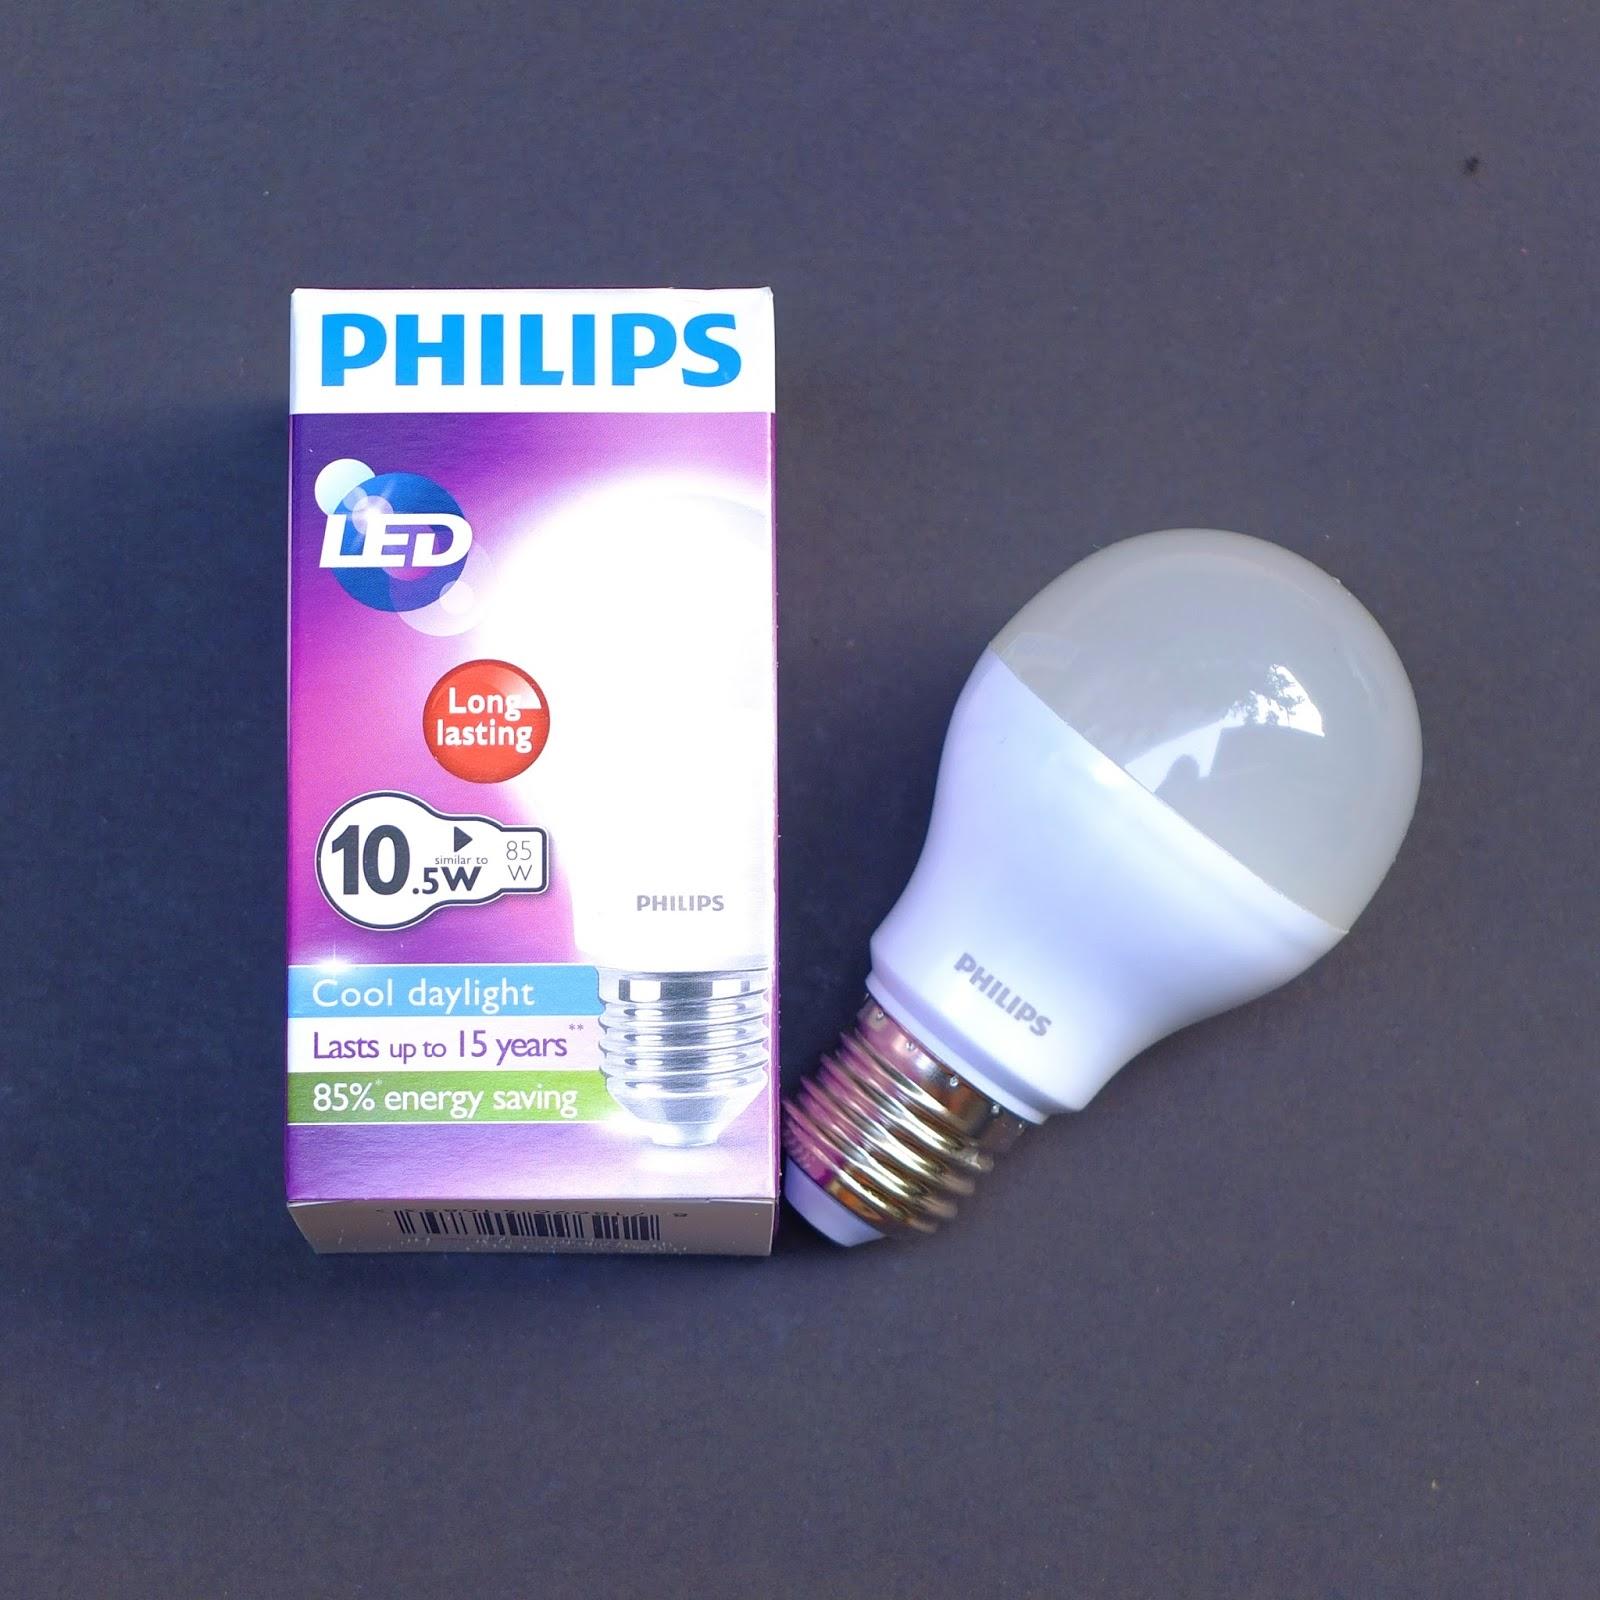 Mitra Led Lampu Philips Murah Semny 9 Watt 105